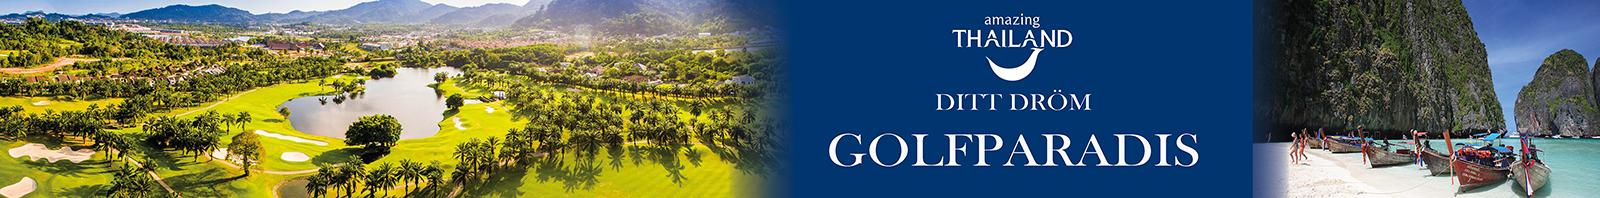 Thailand golf banner 728